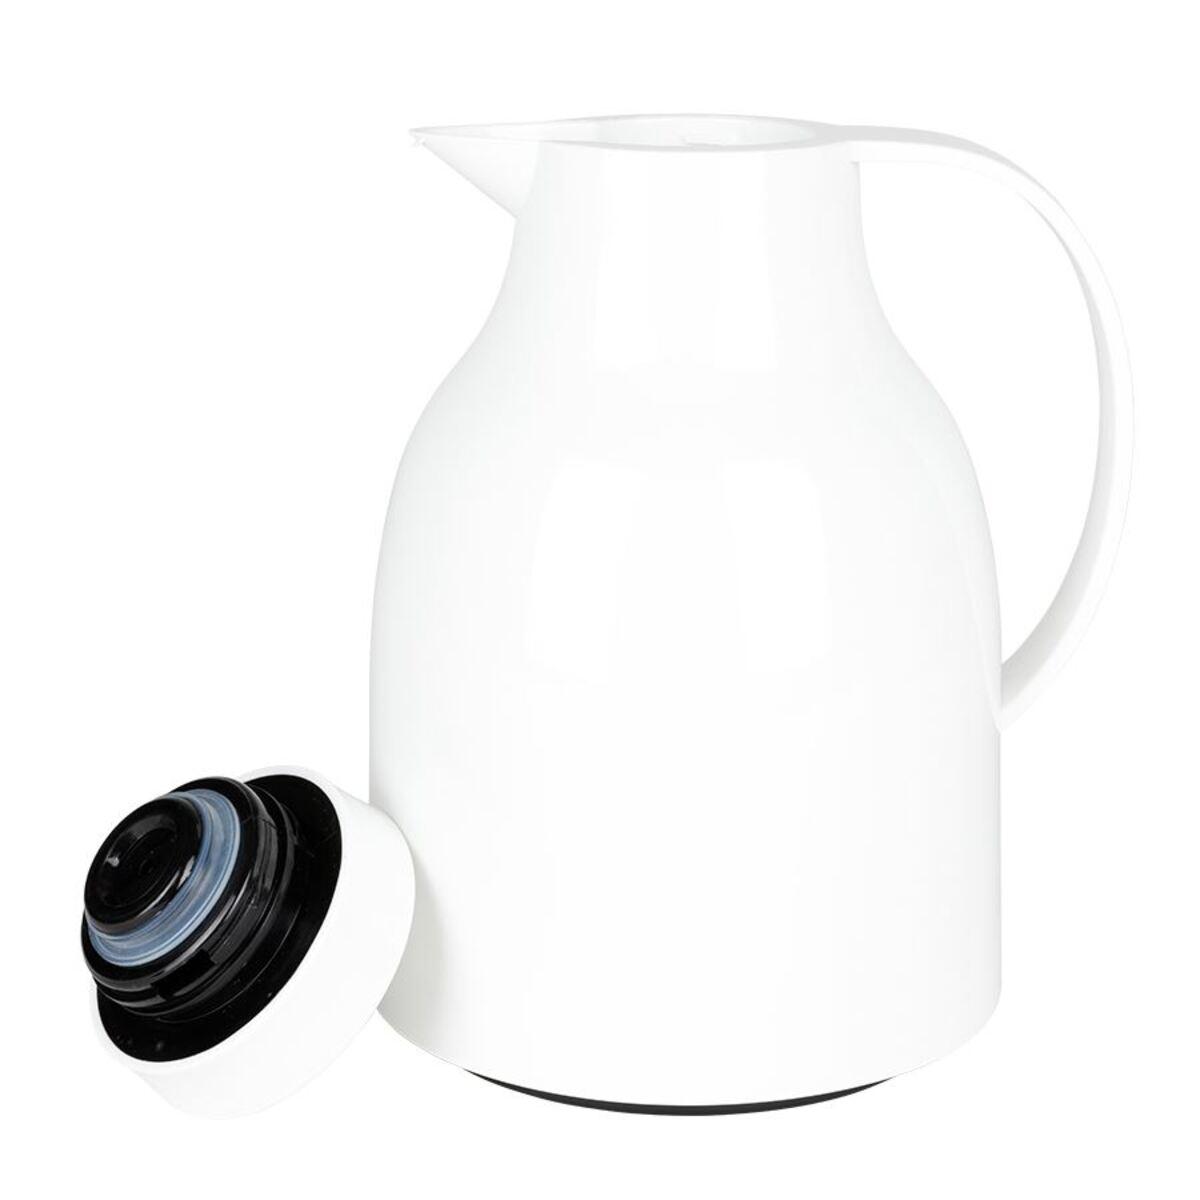 Bild 2 von Kunststoff-Thermoskanne 900ml